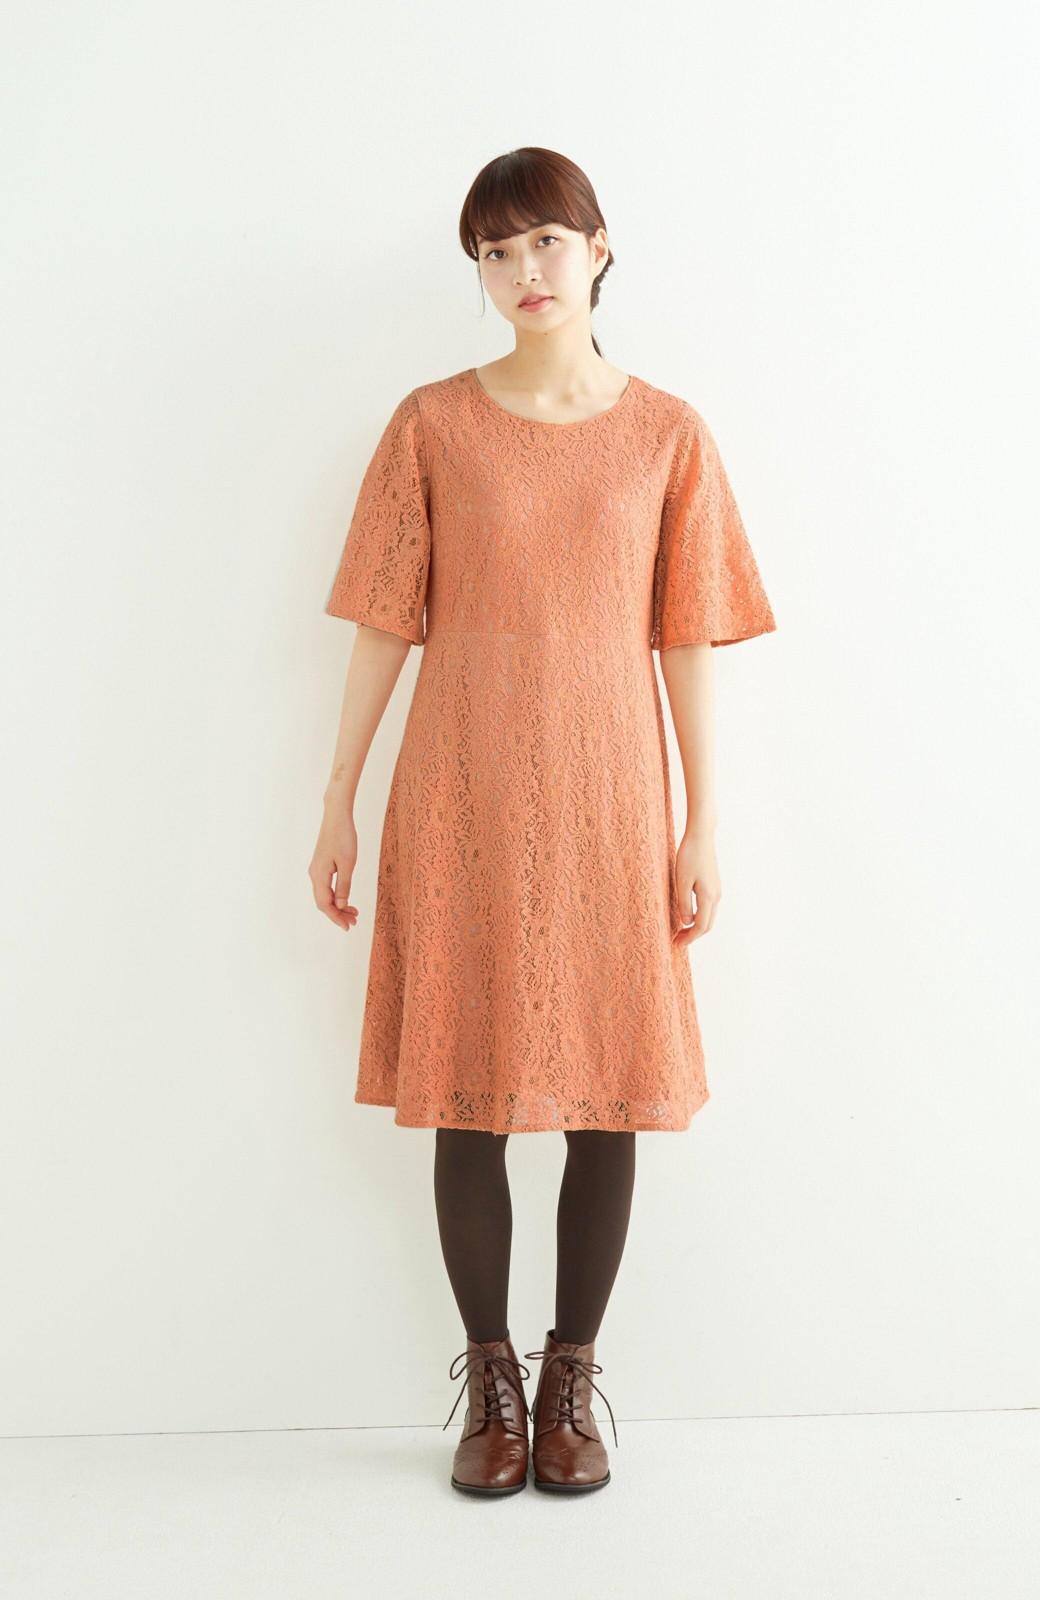 エムトロワ 結婚式にも便利 1枚で着てきれいなレースワンピース <オレンジ>の商品写真3